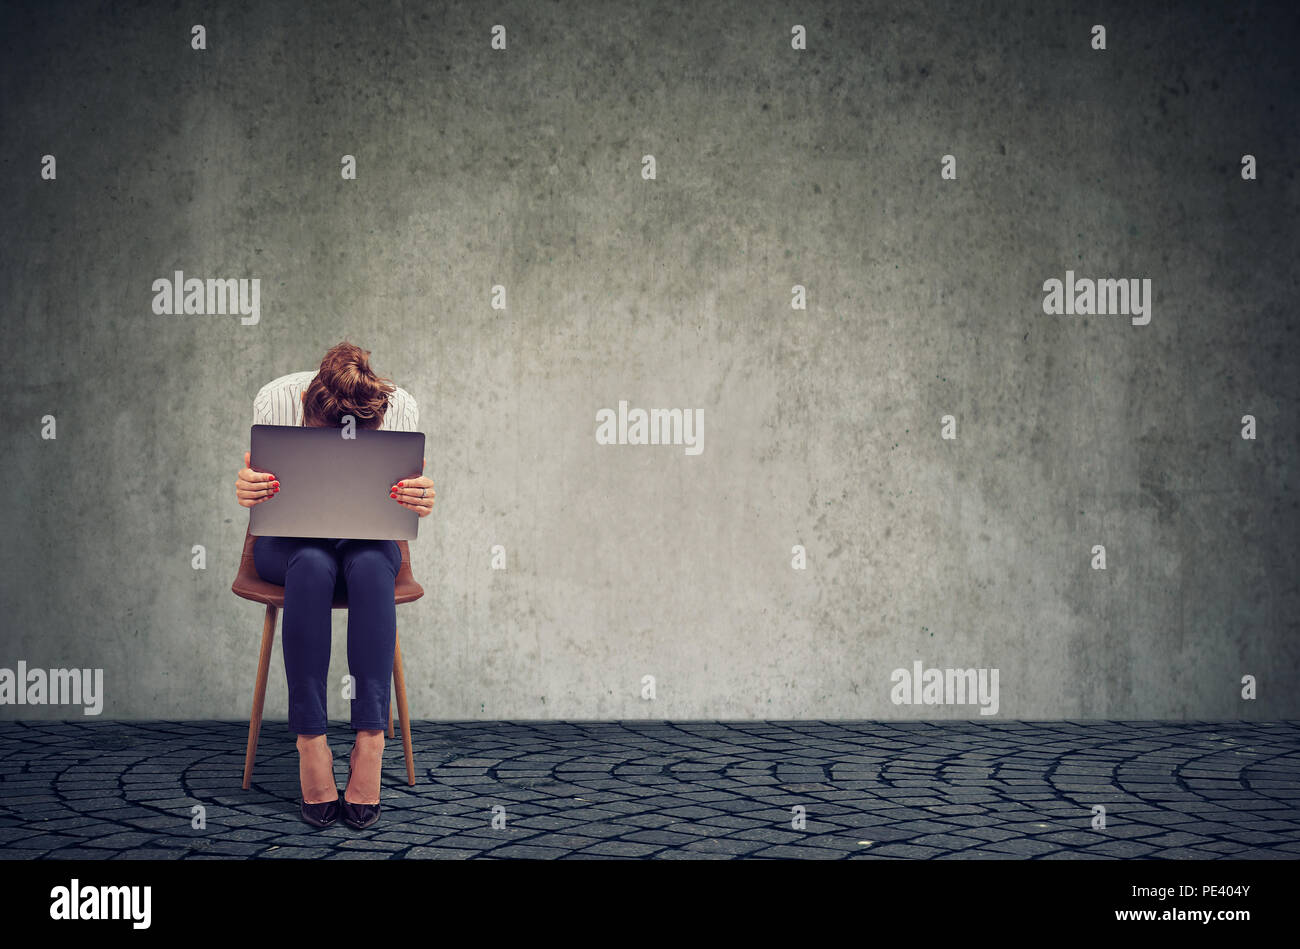 Femme anonyme assis sur une chaise avec un ordinateur portable sur les genoux et à la crise en désespéré contre mur gris Photo Stock